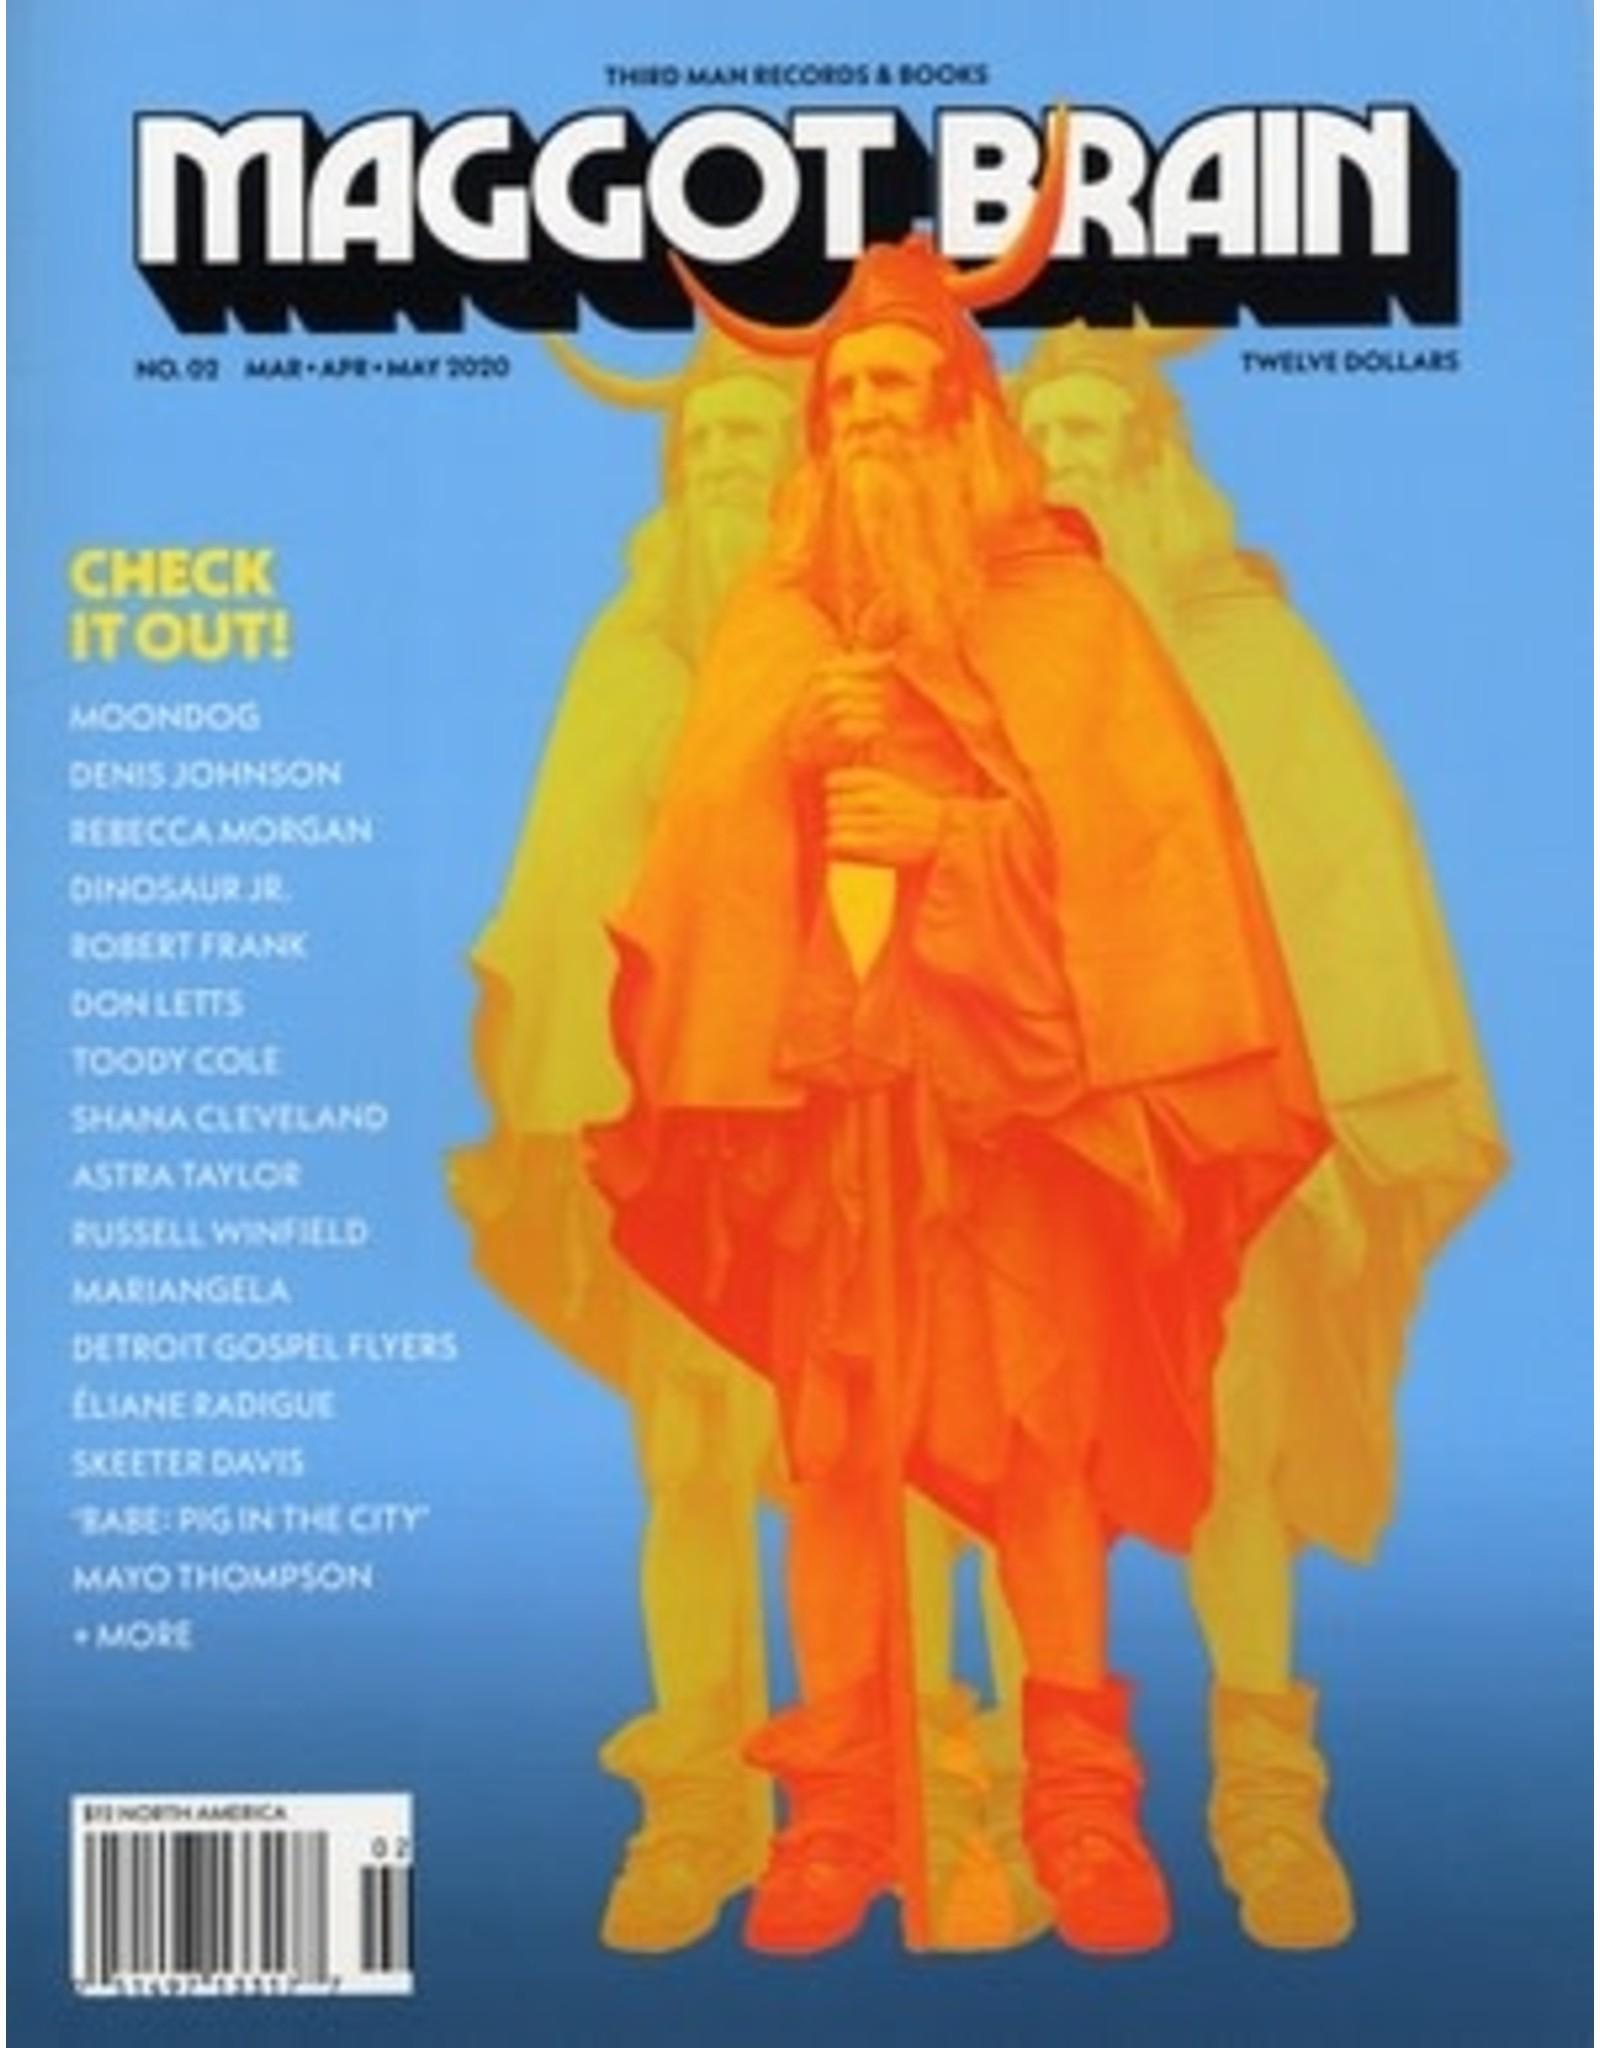 Maggot Brain (No. 02) Moondog cover (Mar/Apr/May 2020)